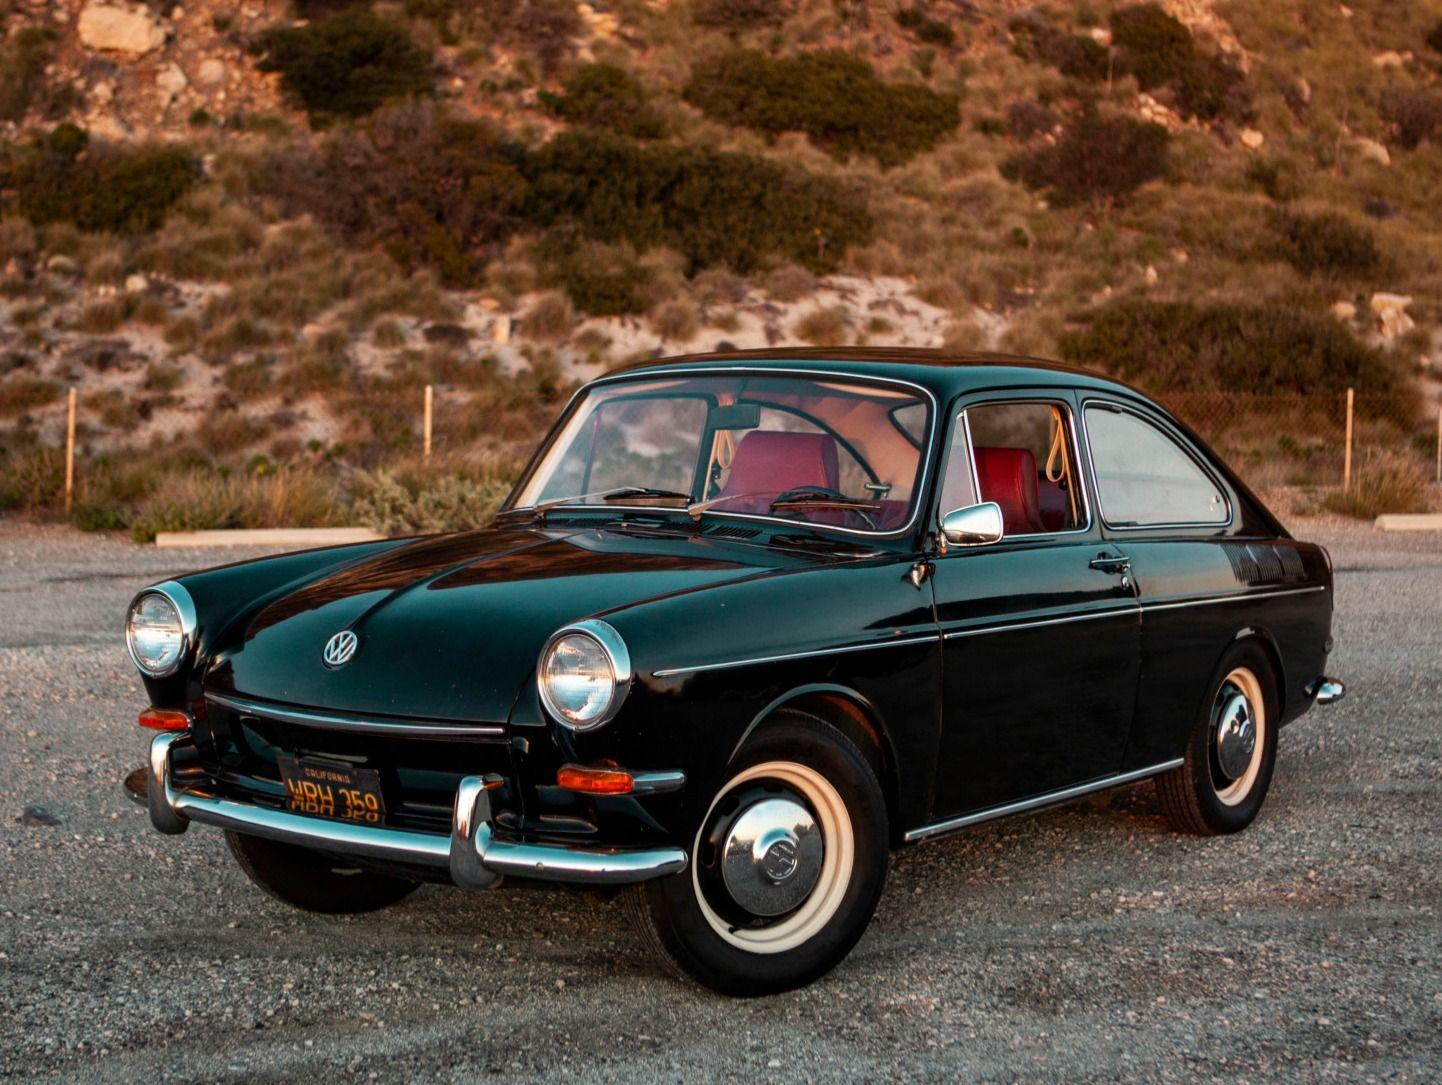 Black Plate 1967 Volkswagen Type 3 Fastback Volkswagen Type 3